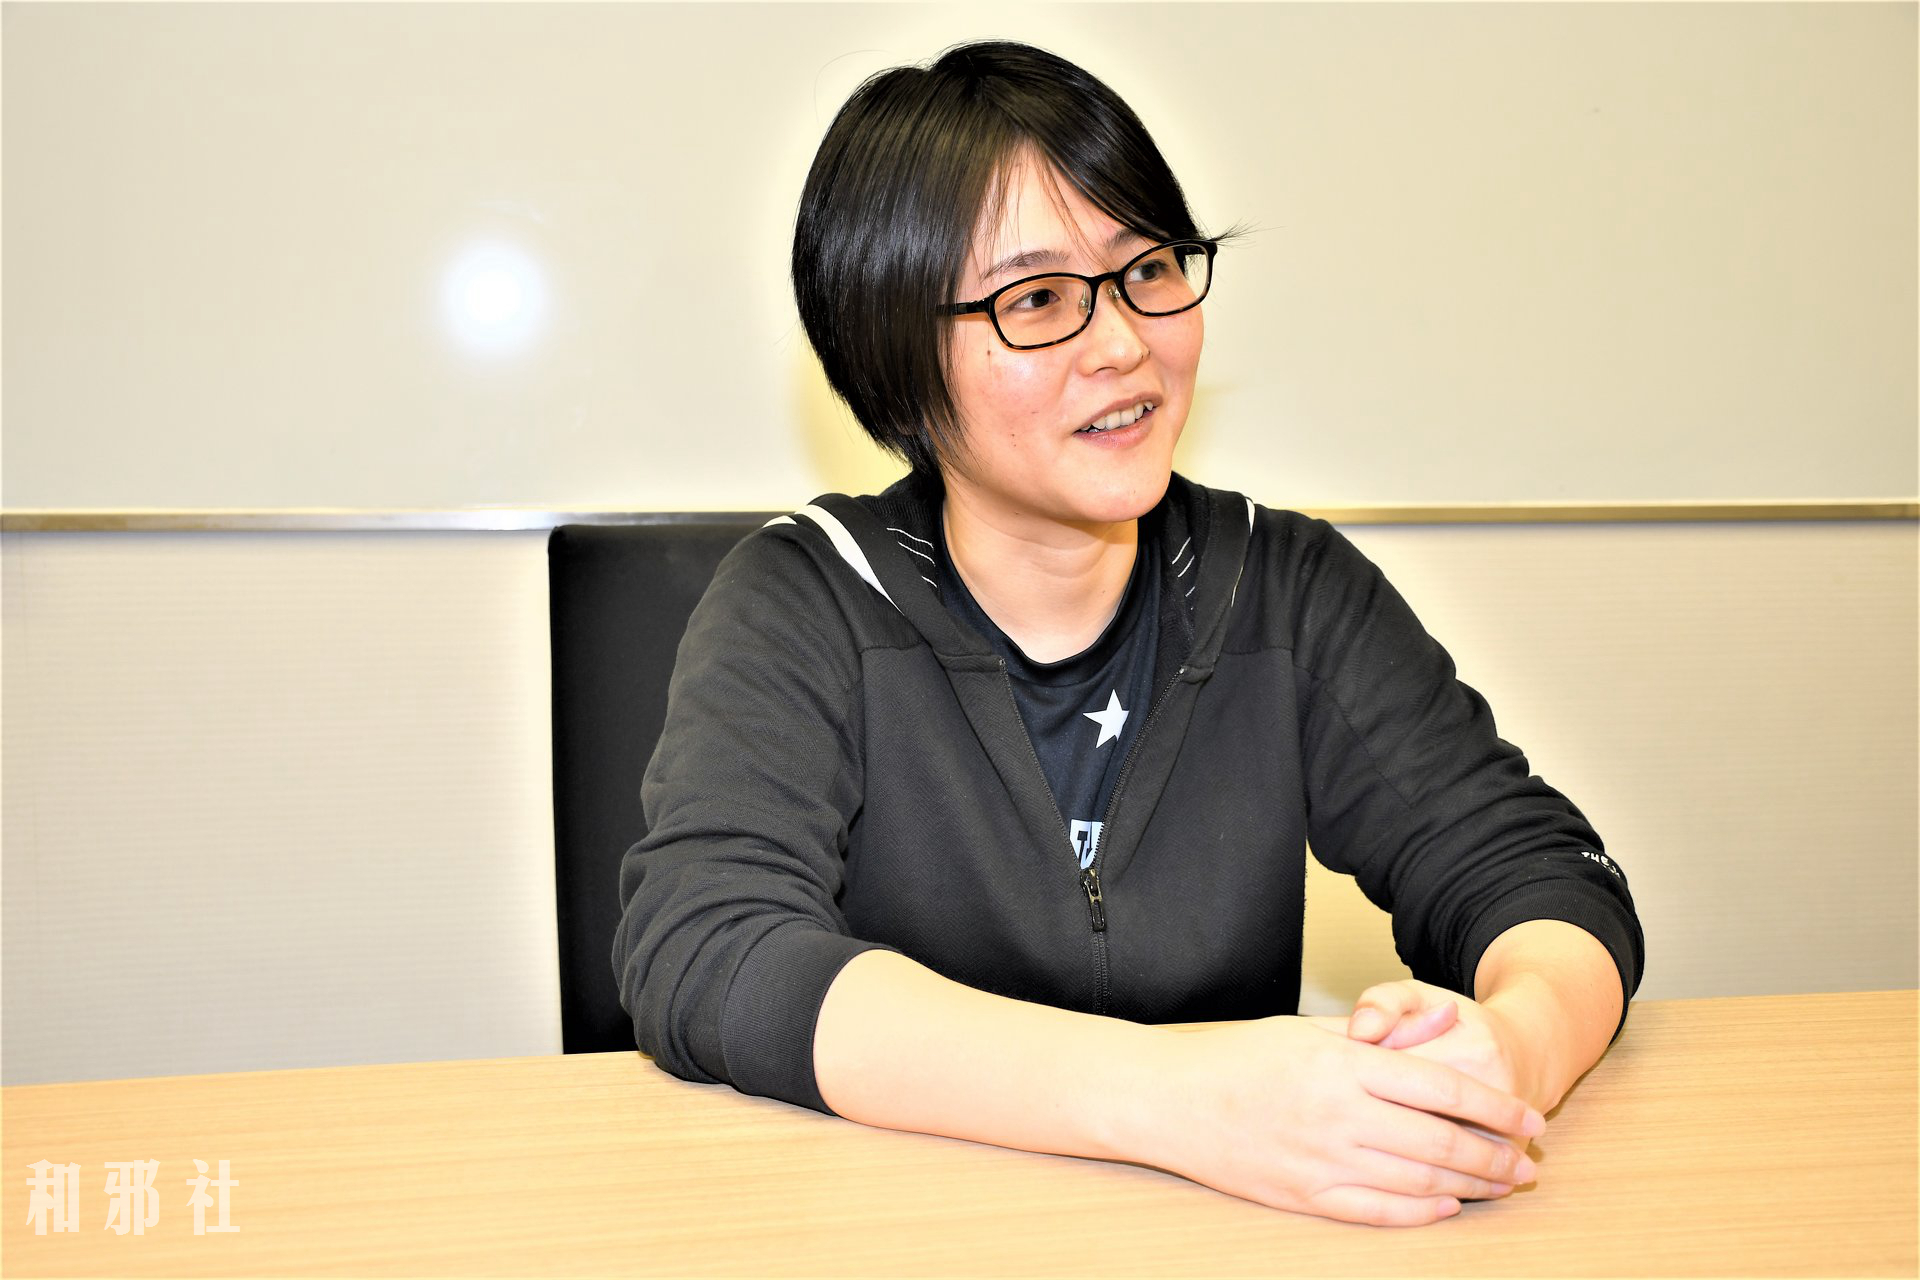 西位輝実 奈飞 中国资本 动画产业